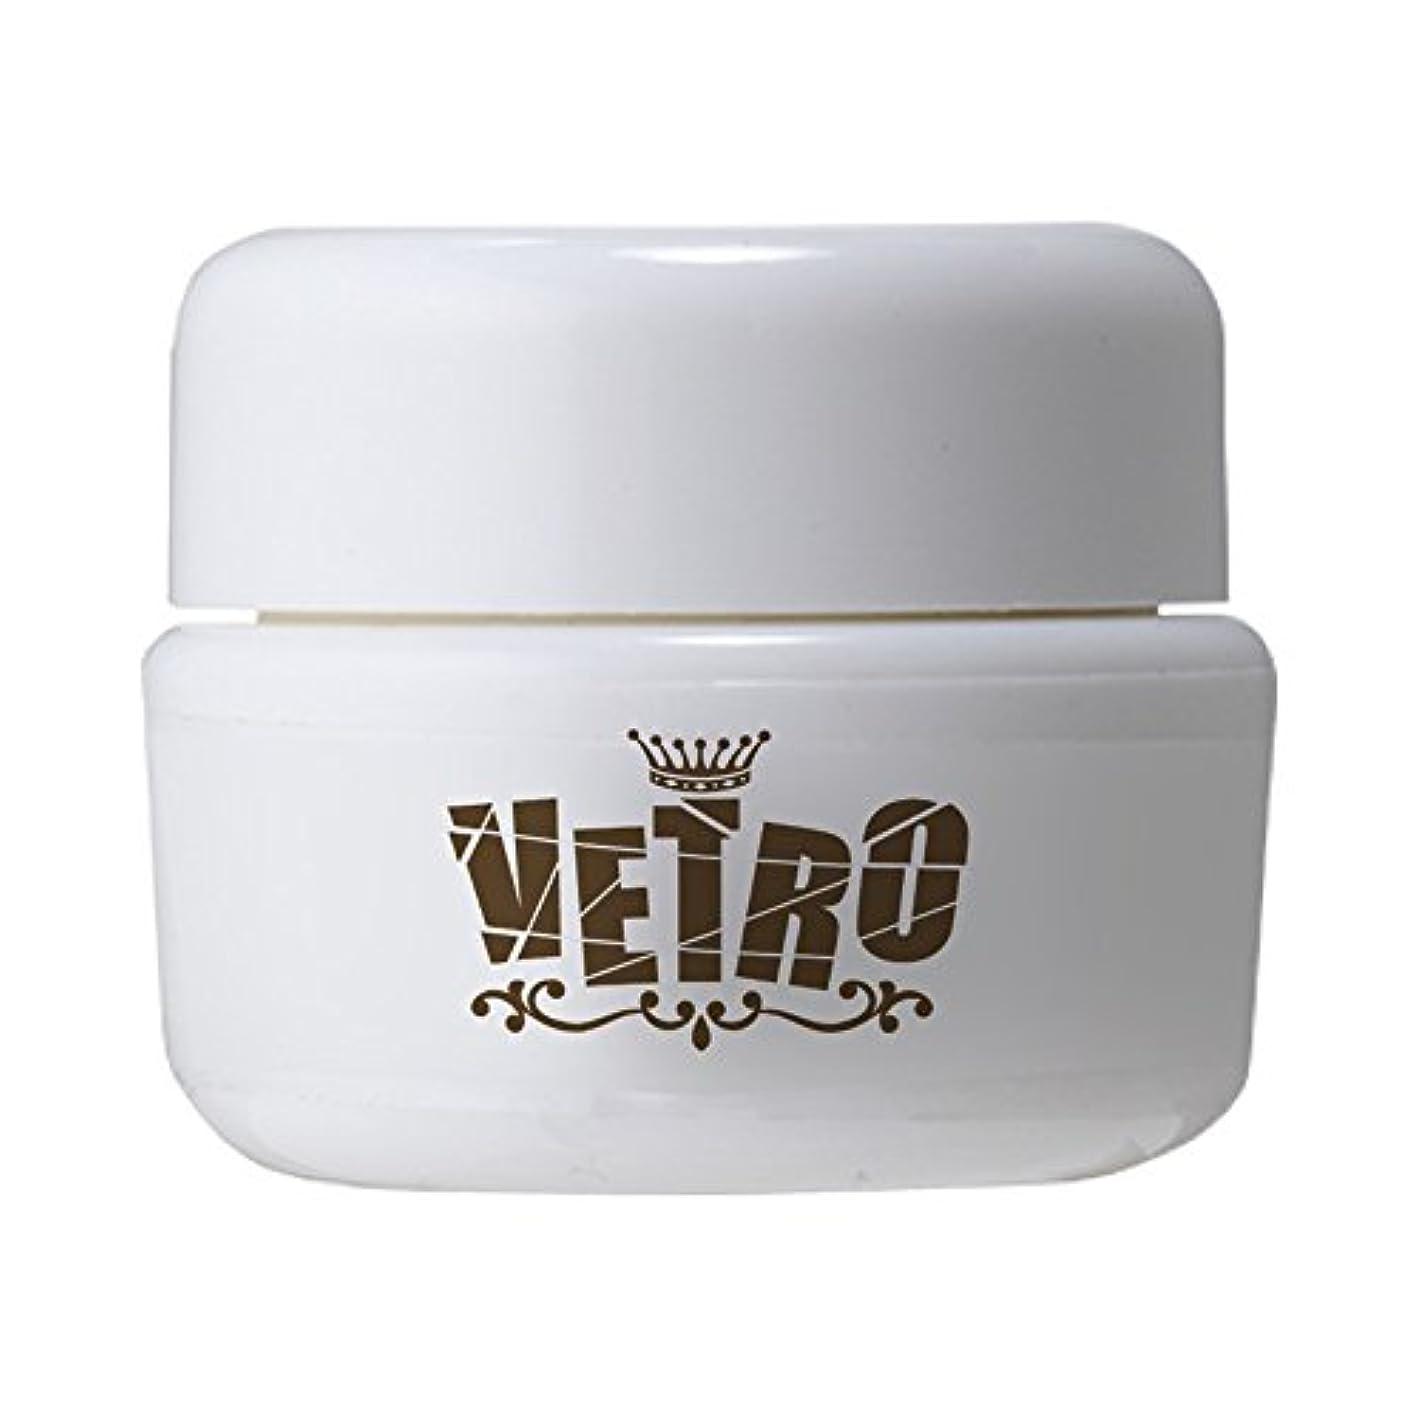 オンスポップ郵便VETRO No.19 カラージェル マット VL228 ミステリアスターコイズ 4ml